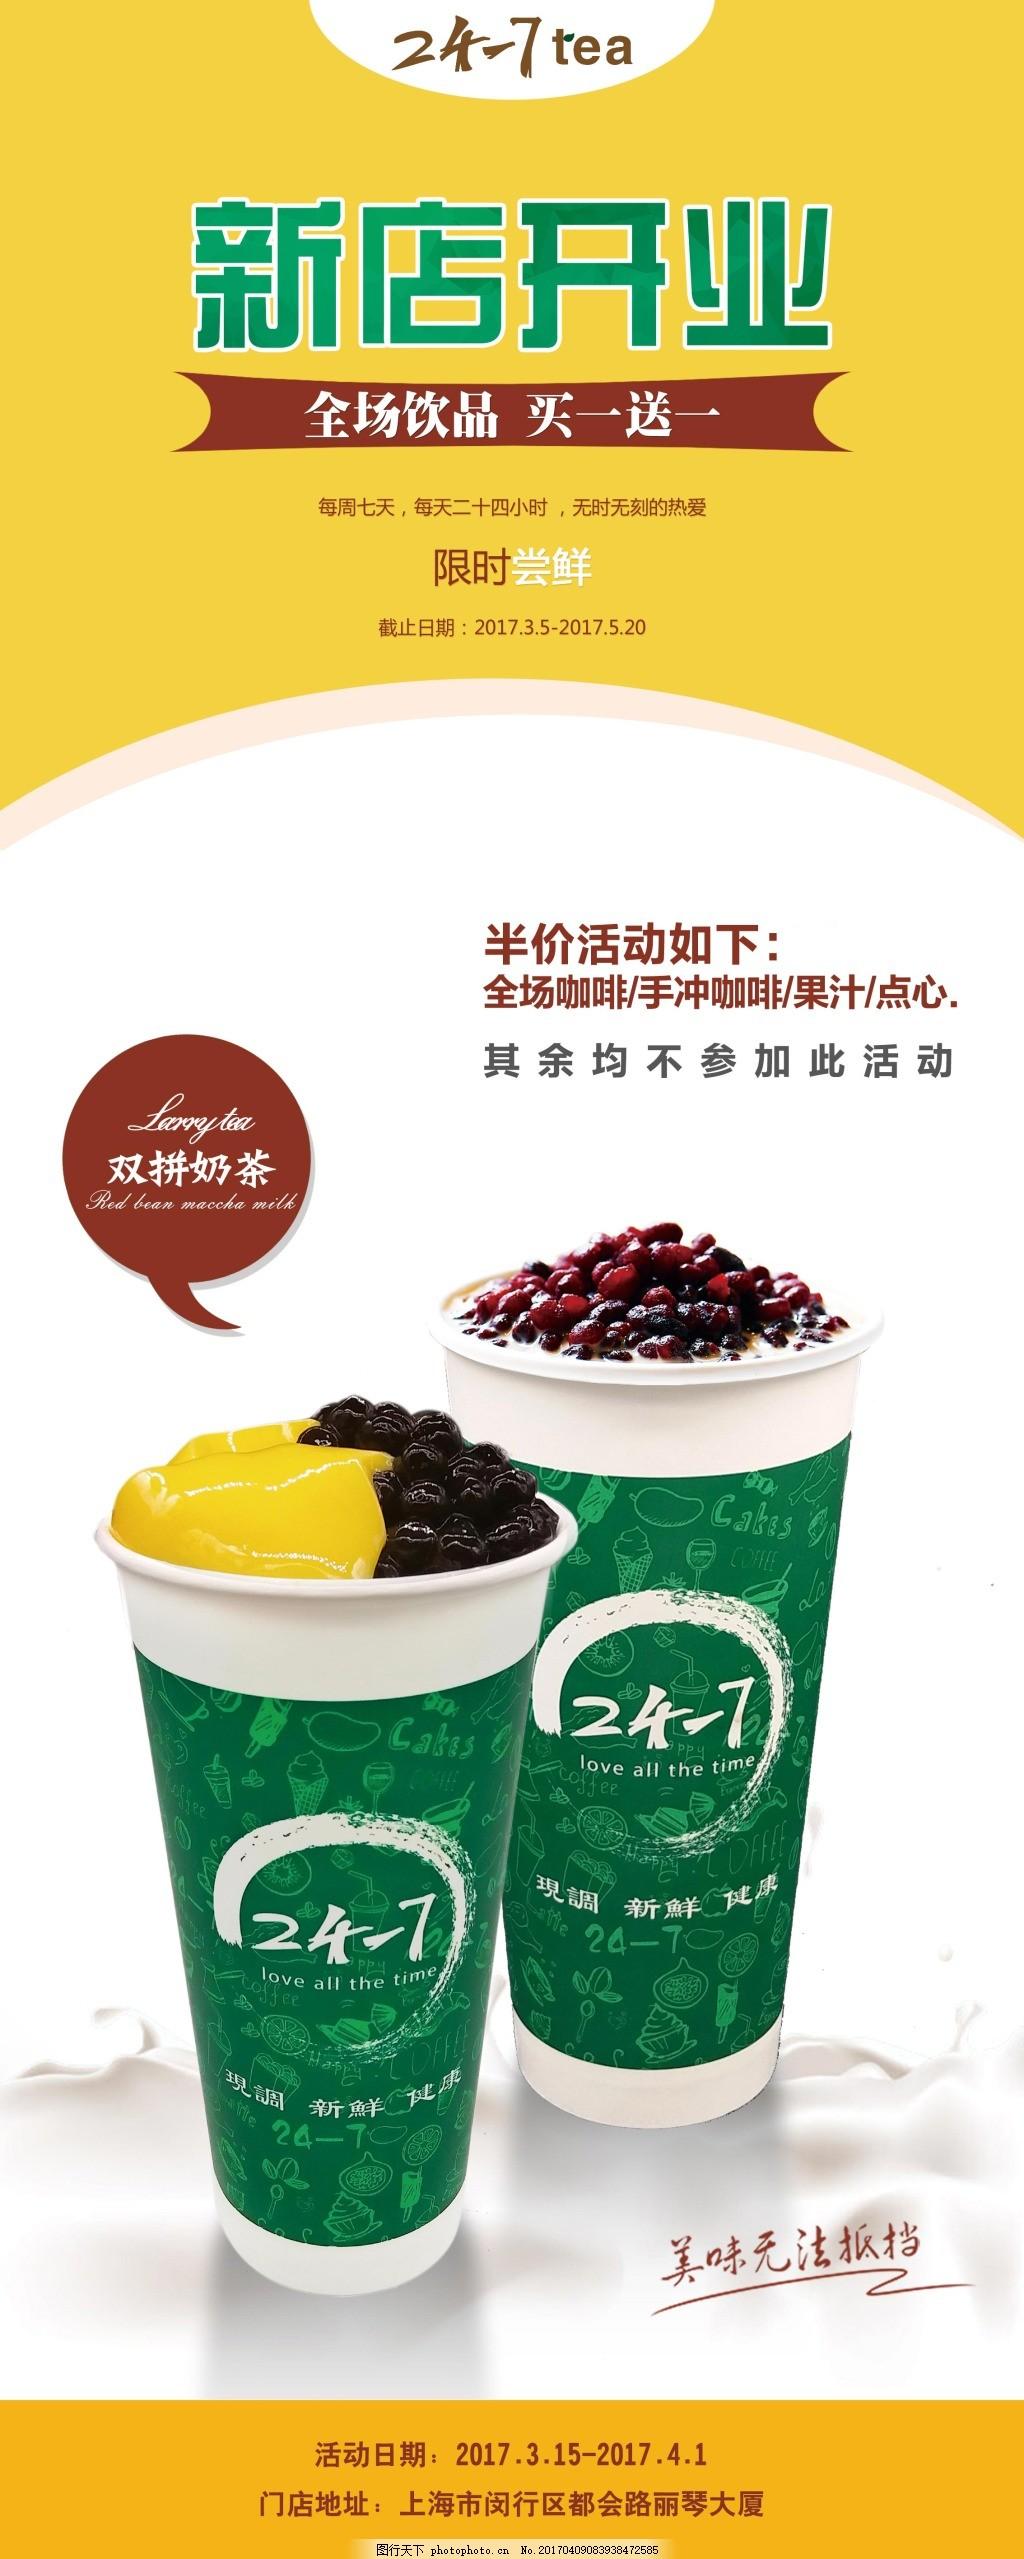 奶茶美食展架 买一送一 第二杯半价 饮品